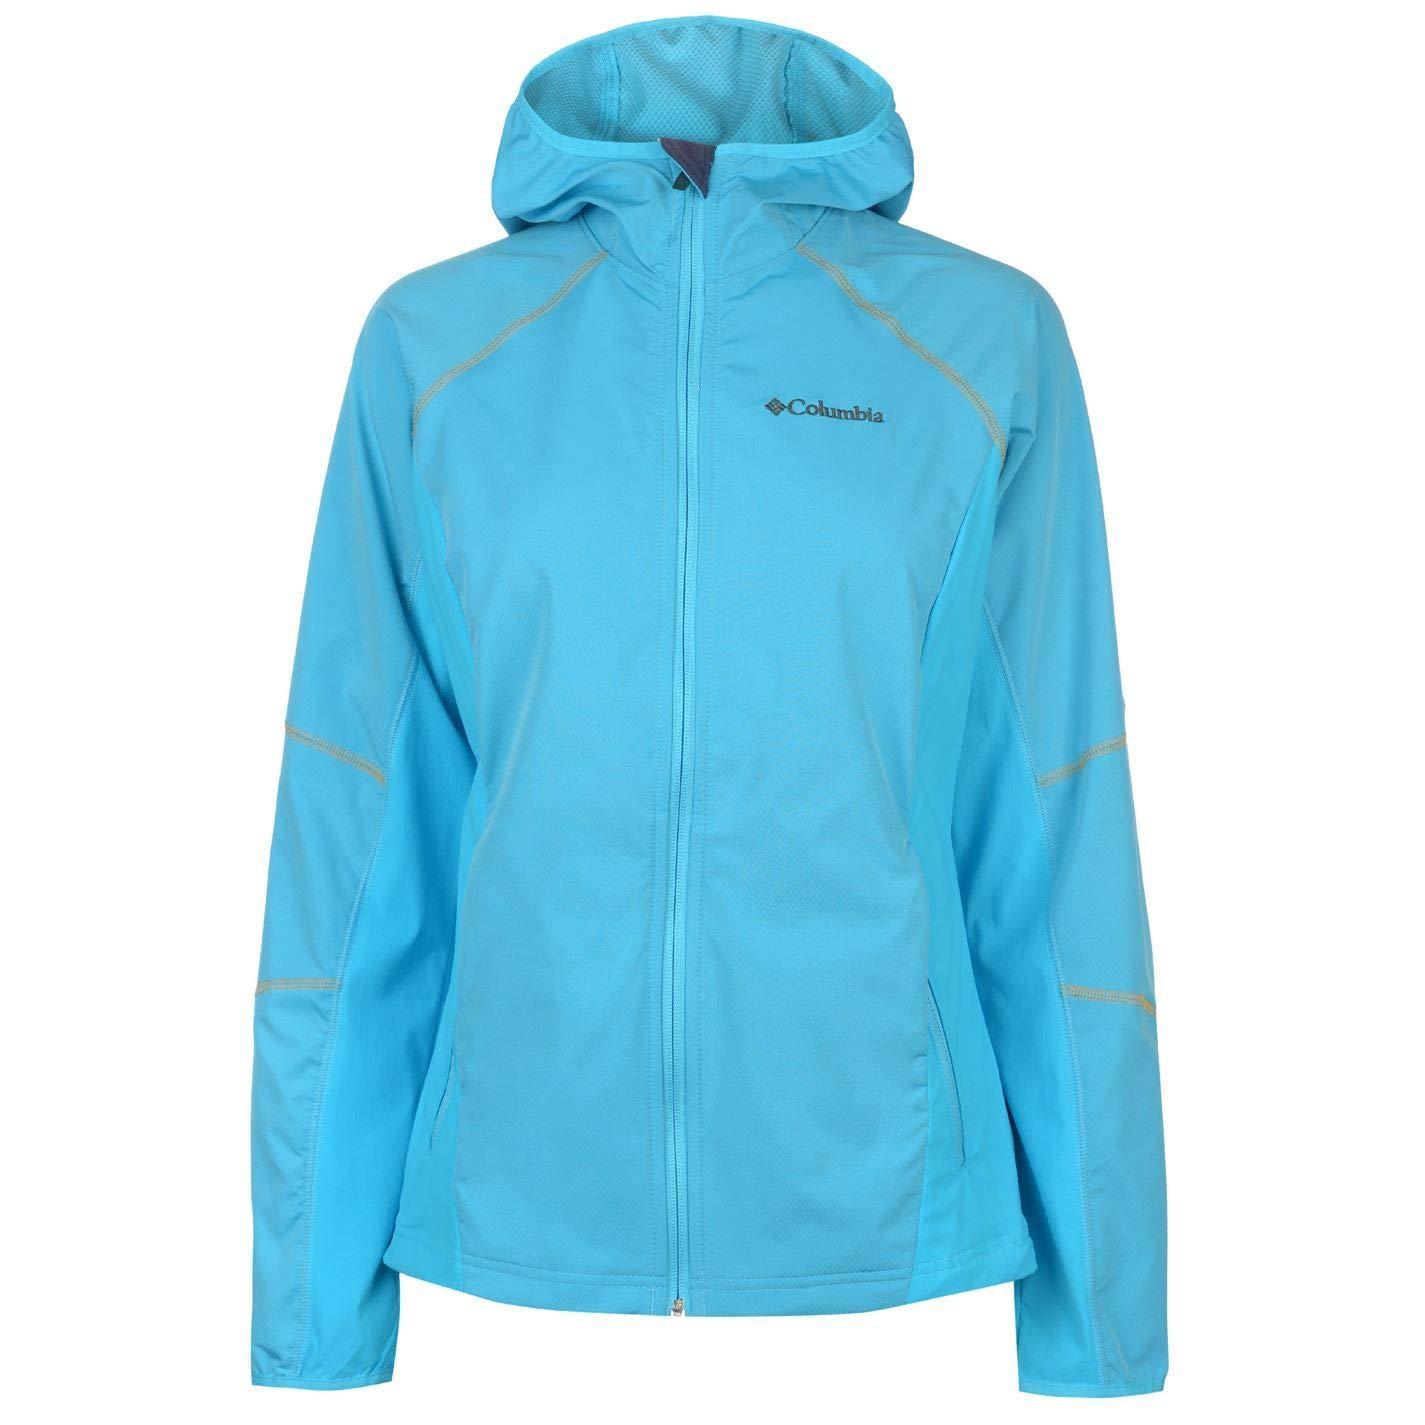 Columbia Snowfall Softshell Jacke Damenjacke Wandern Outdoor Oberbekleidung